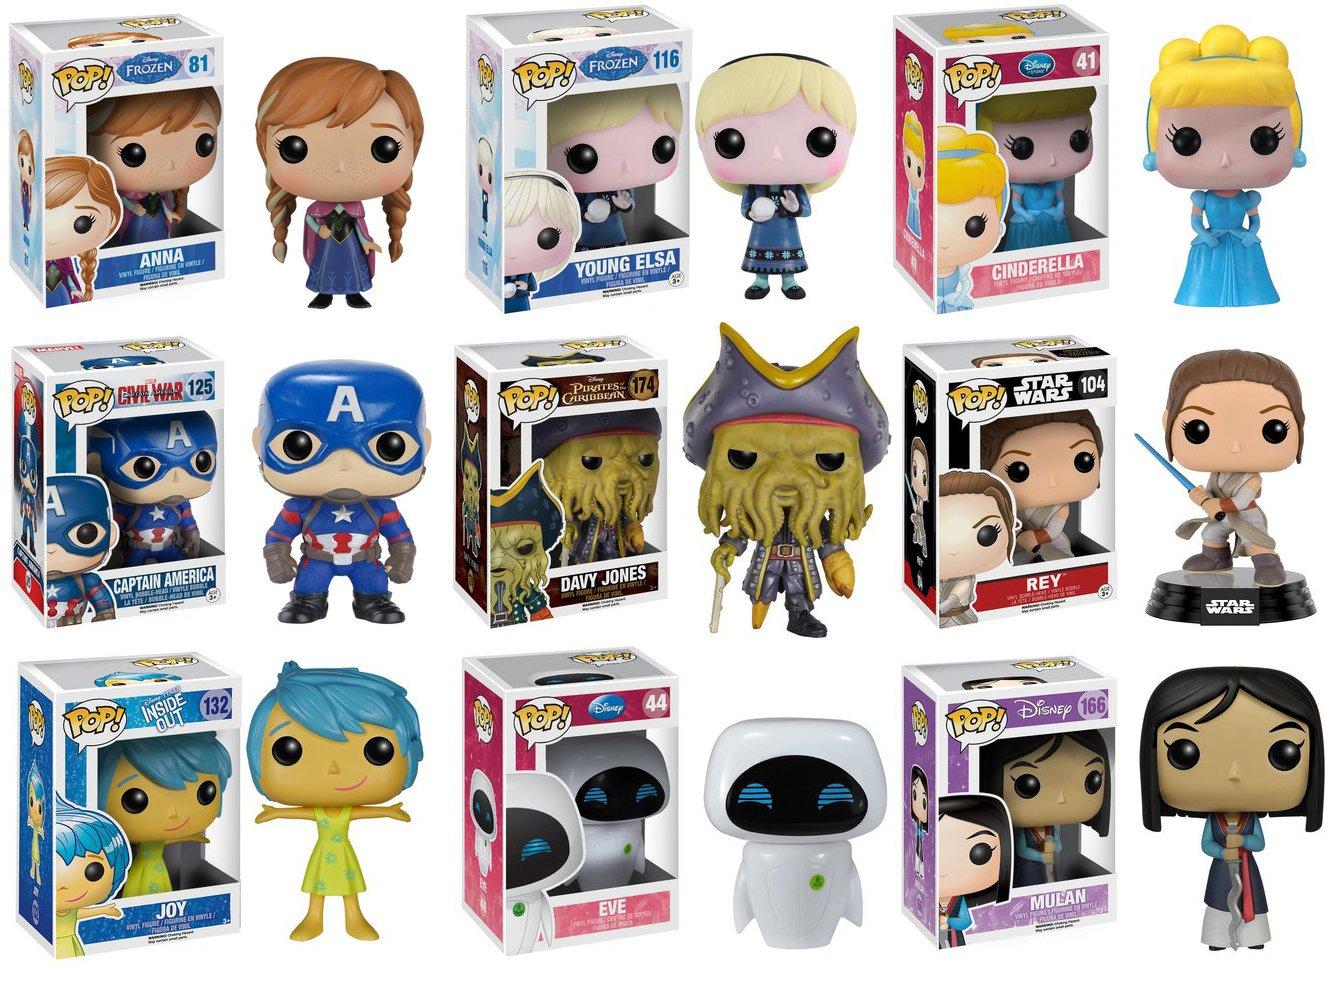 POP ¡Disney Misterio Pack - 6 Pops al Azar  Amazon.es  Juguetes y juegos 4880ad6116d